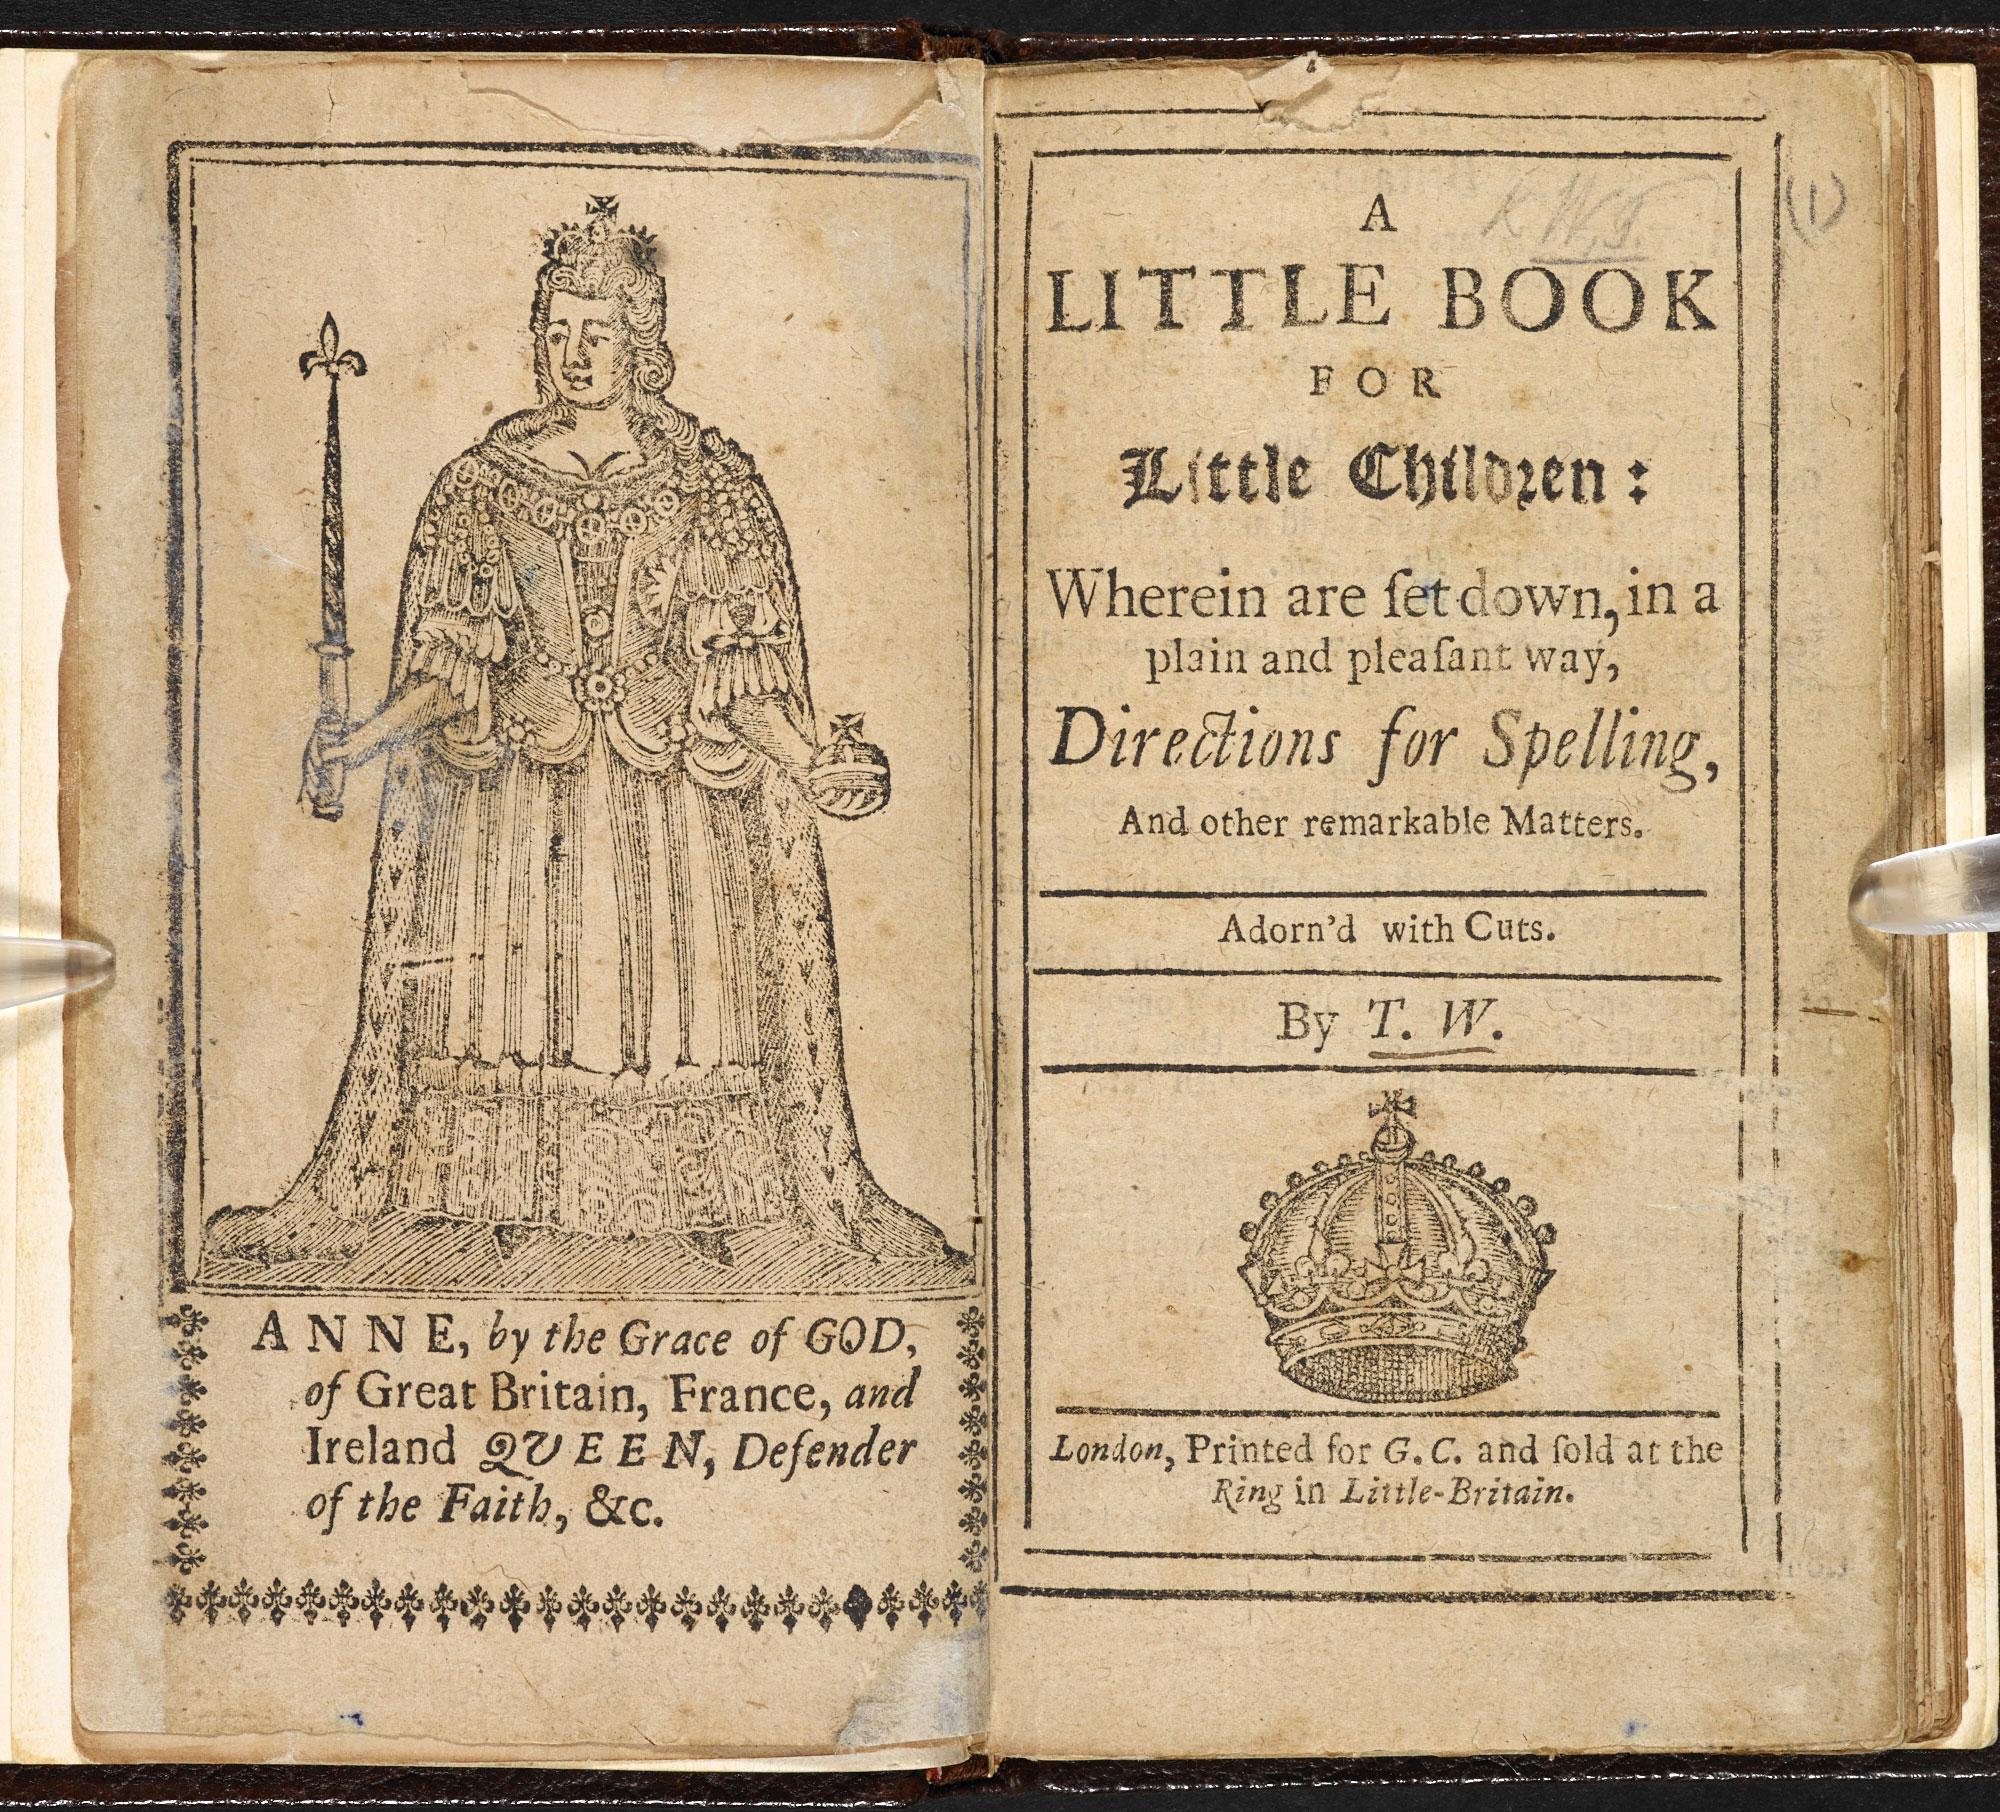 A Little Book for Little Children